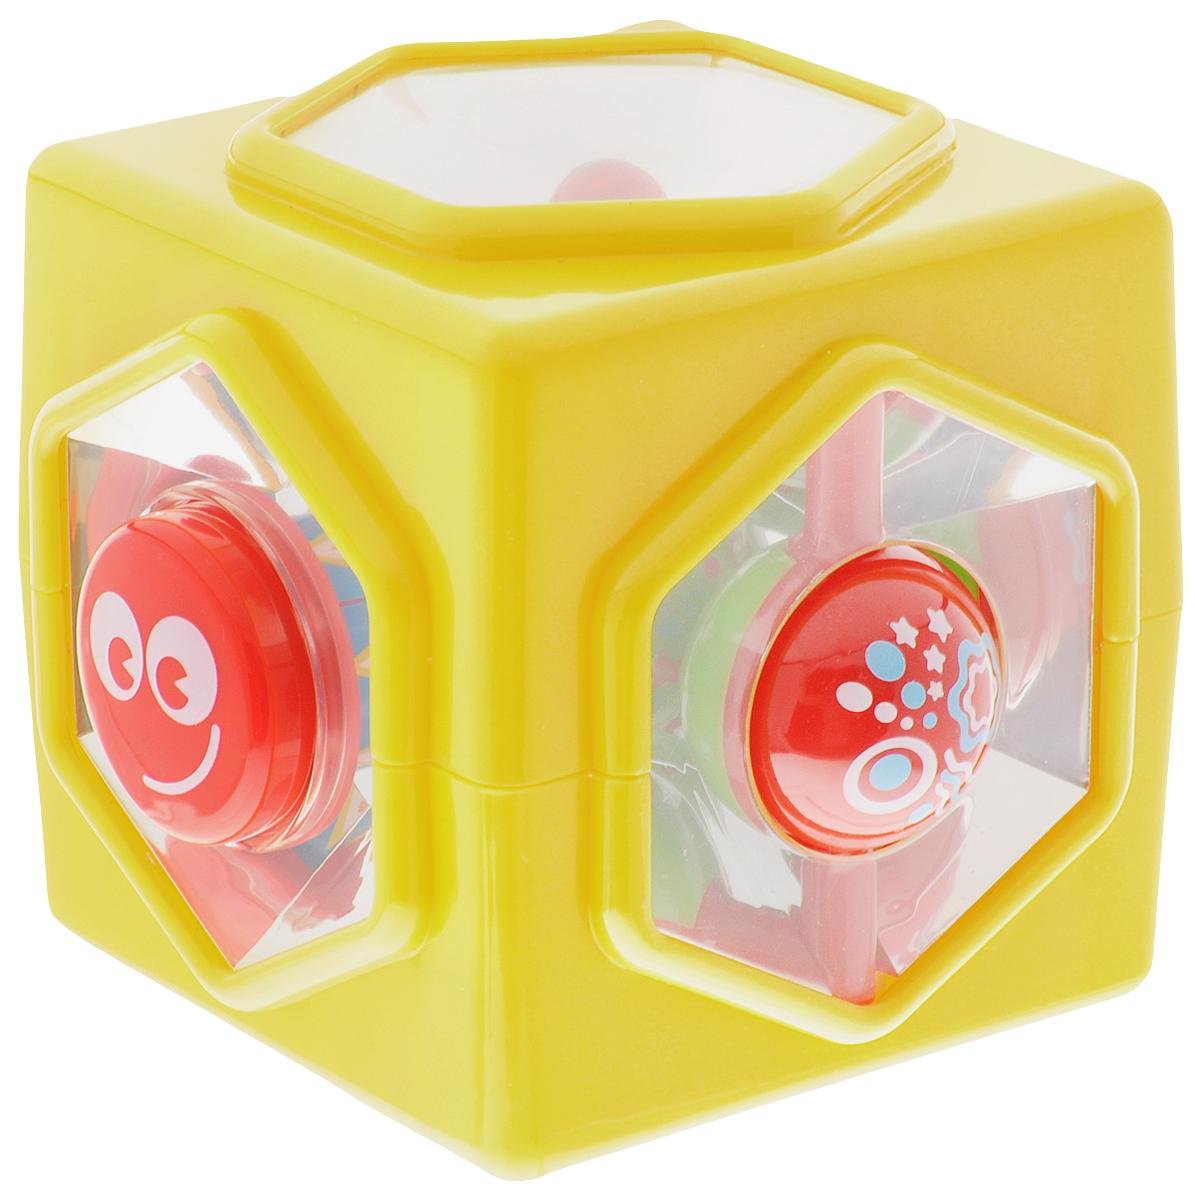 Playgo Развивающая игрушка Мульти-куб 5 в 1Play 1760Развивающая игрушка Playgo Мульти-куб. 5 в 1 предлагает малышу справиться сразу с пятью заданиями, направленными на развитие логического мышления, мелкой моторики и сенсорики. На пяти гранях куба имеются развлекательные и в то же время весьма полезные загадки, которые ребенок будет с увлечением пытаться разрешить. Задания подобраны с учетом возраста, поэтому не окажутся чересчур сложными или трудоемкими. Преимуществом является тот факт, что загадки кубика можно разгадывать бесконечно, поскольку всегда можно найти верное решение по-разному. Данная развивающая игрушка предназначена для детей возрастом от 6 месяцев.